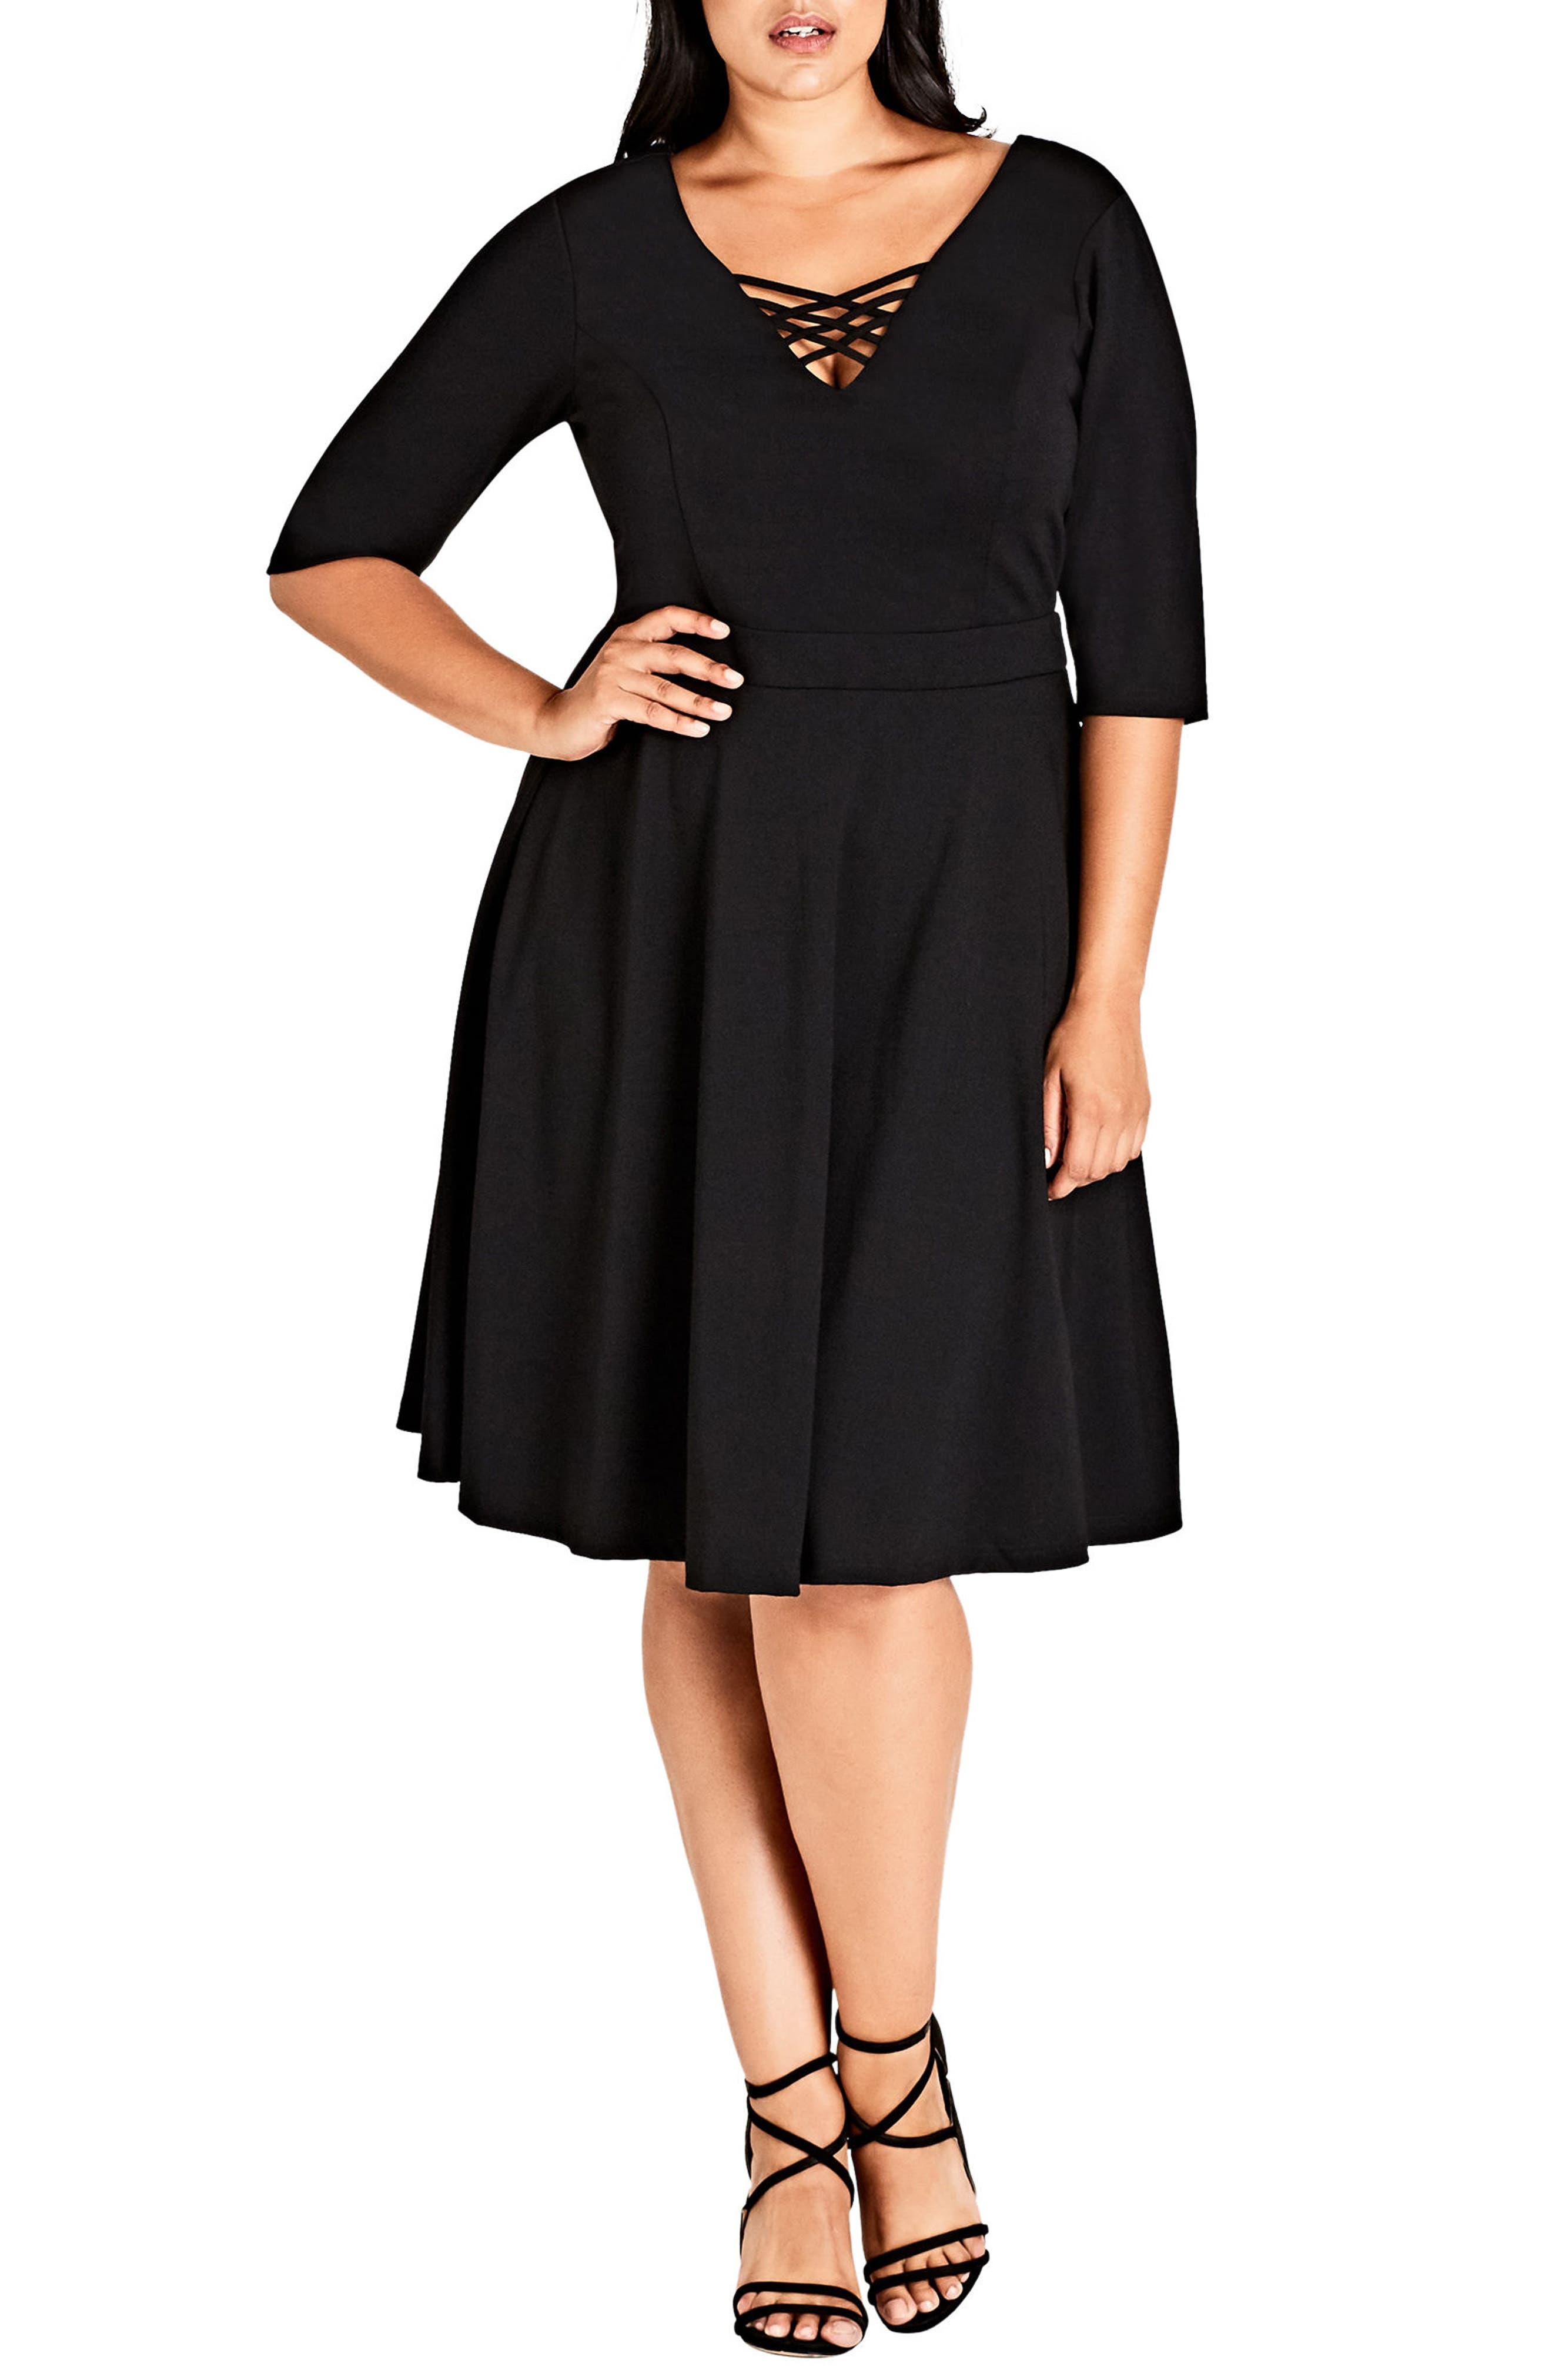 X Front Skater Dress,                         Main,                         color, Black